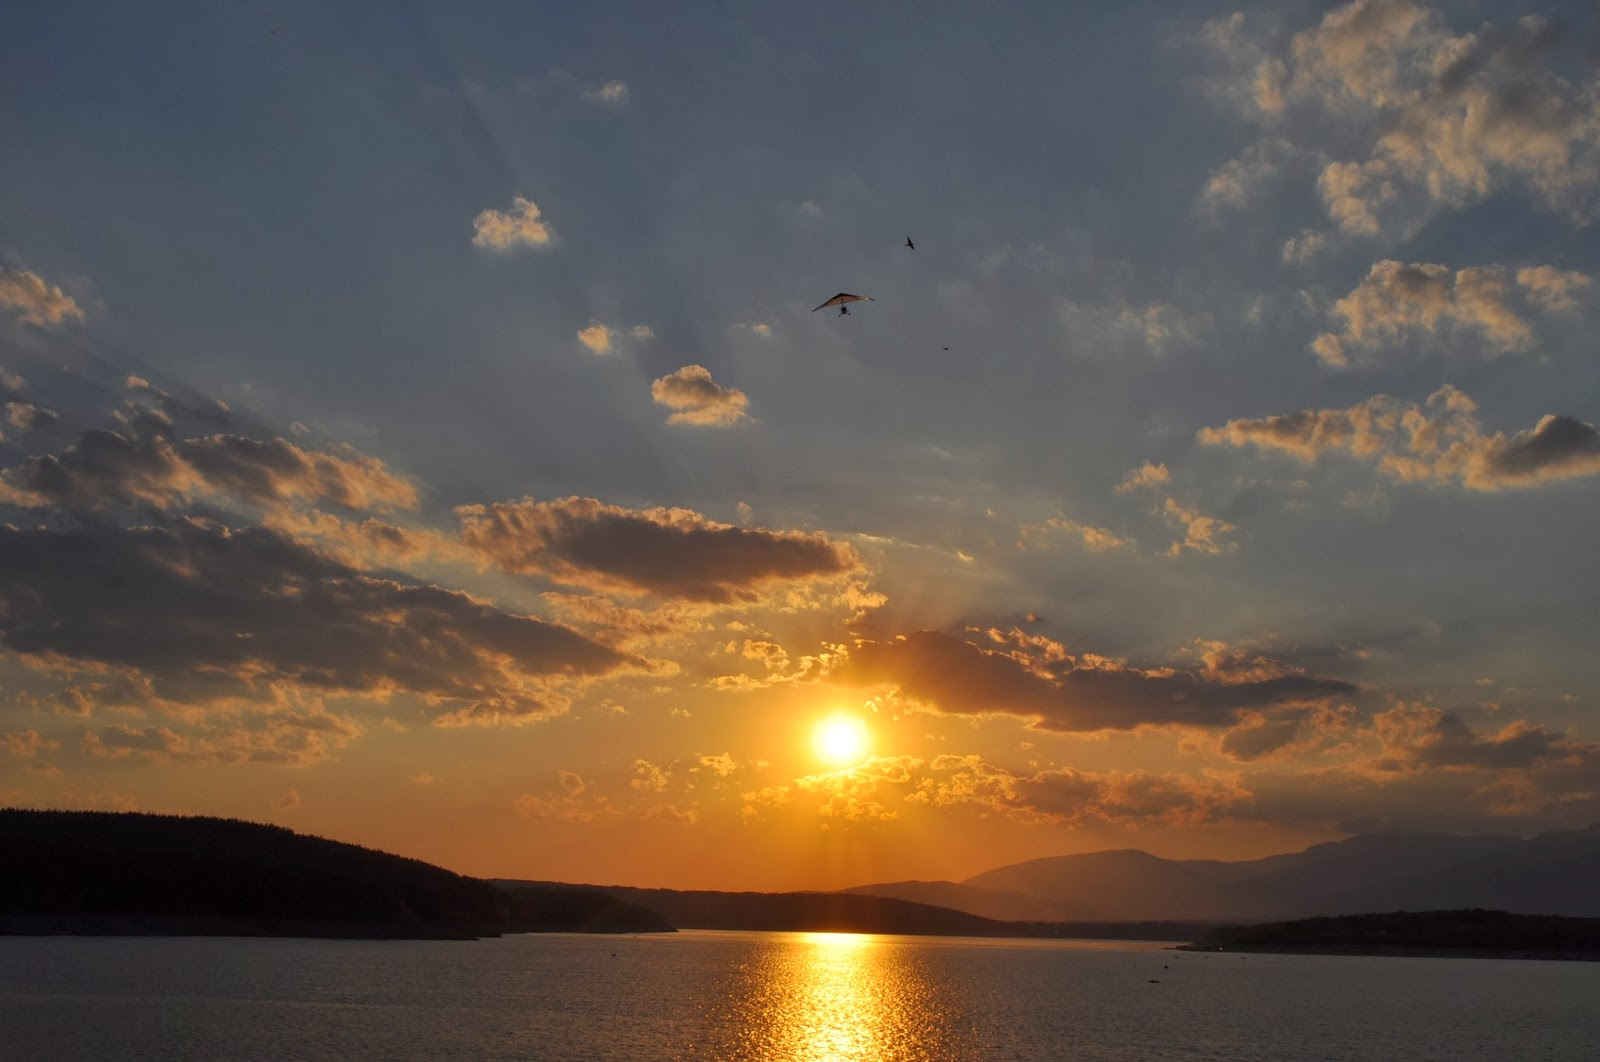 Слънцето с охота се сбогува с копринената водна повърхност, а онази точка в небето е моторен делтаплан. Каква ли ще да е гледката отгоре?